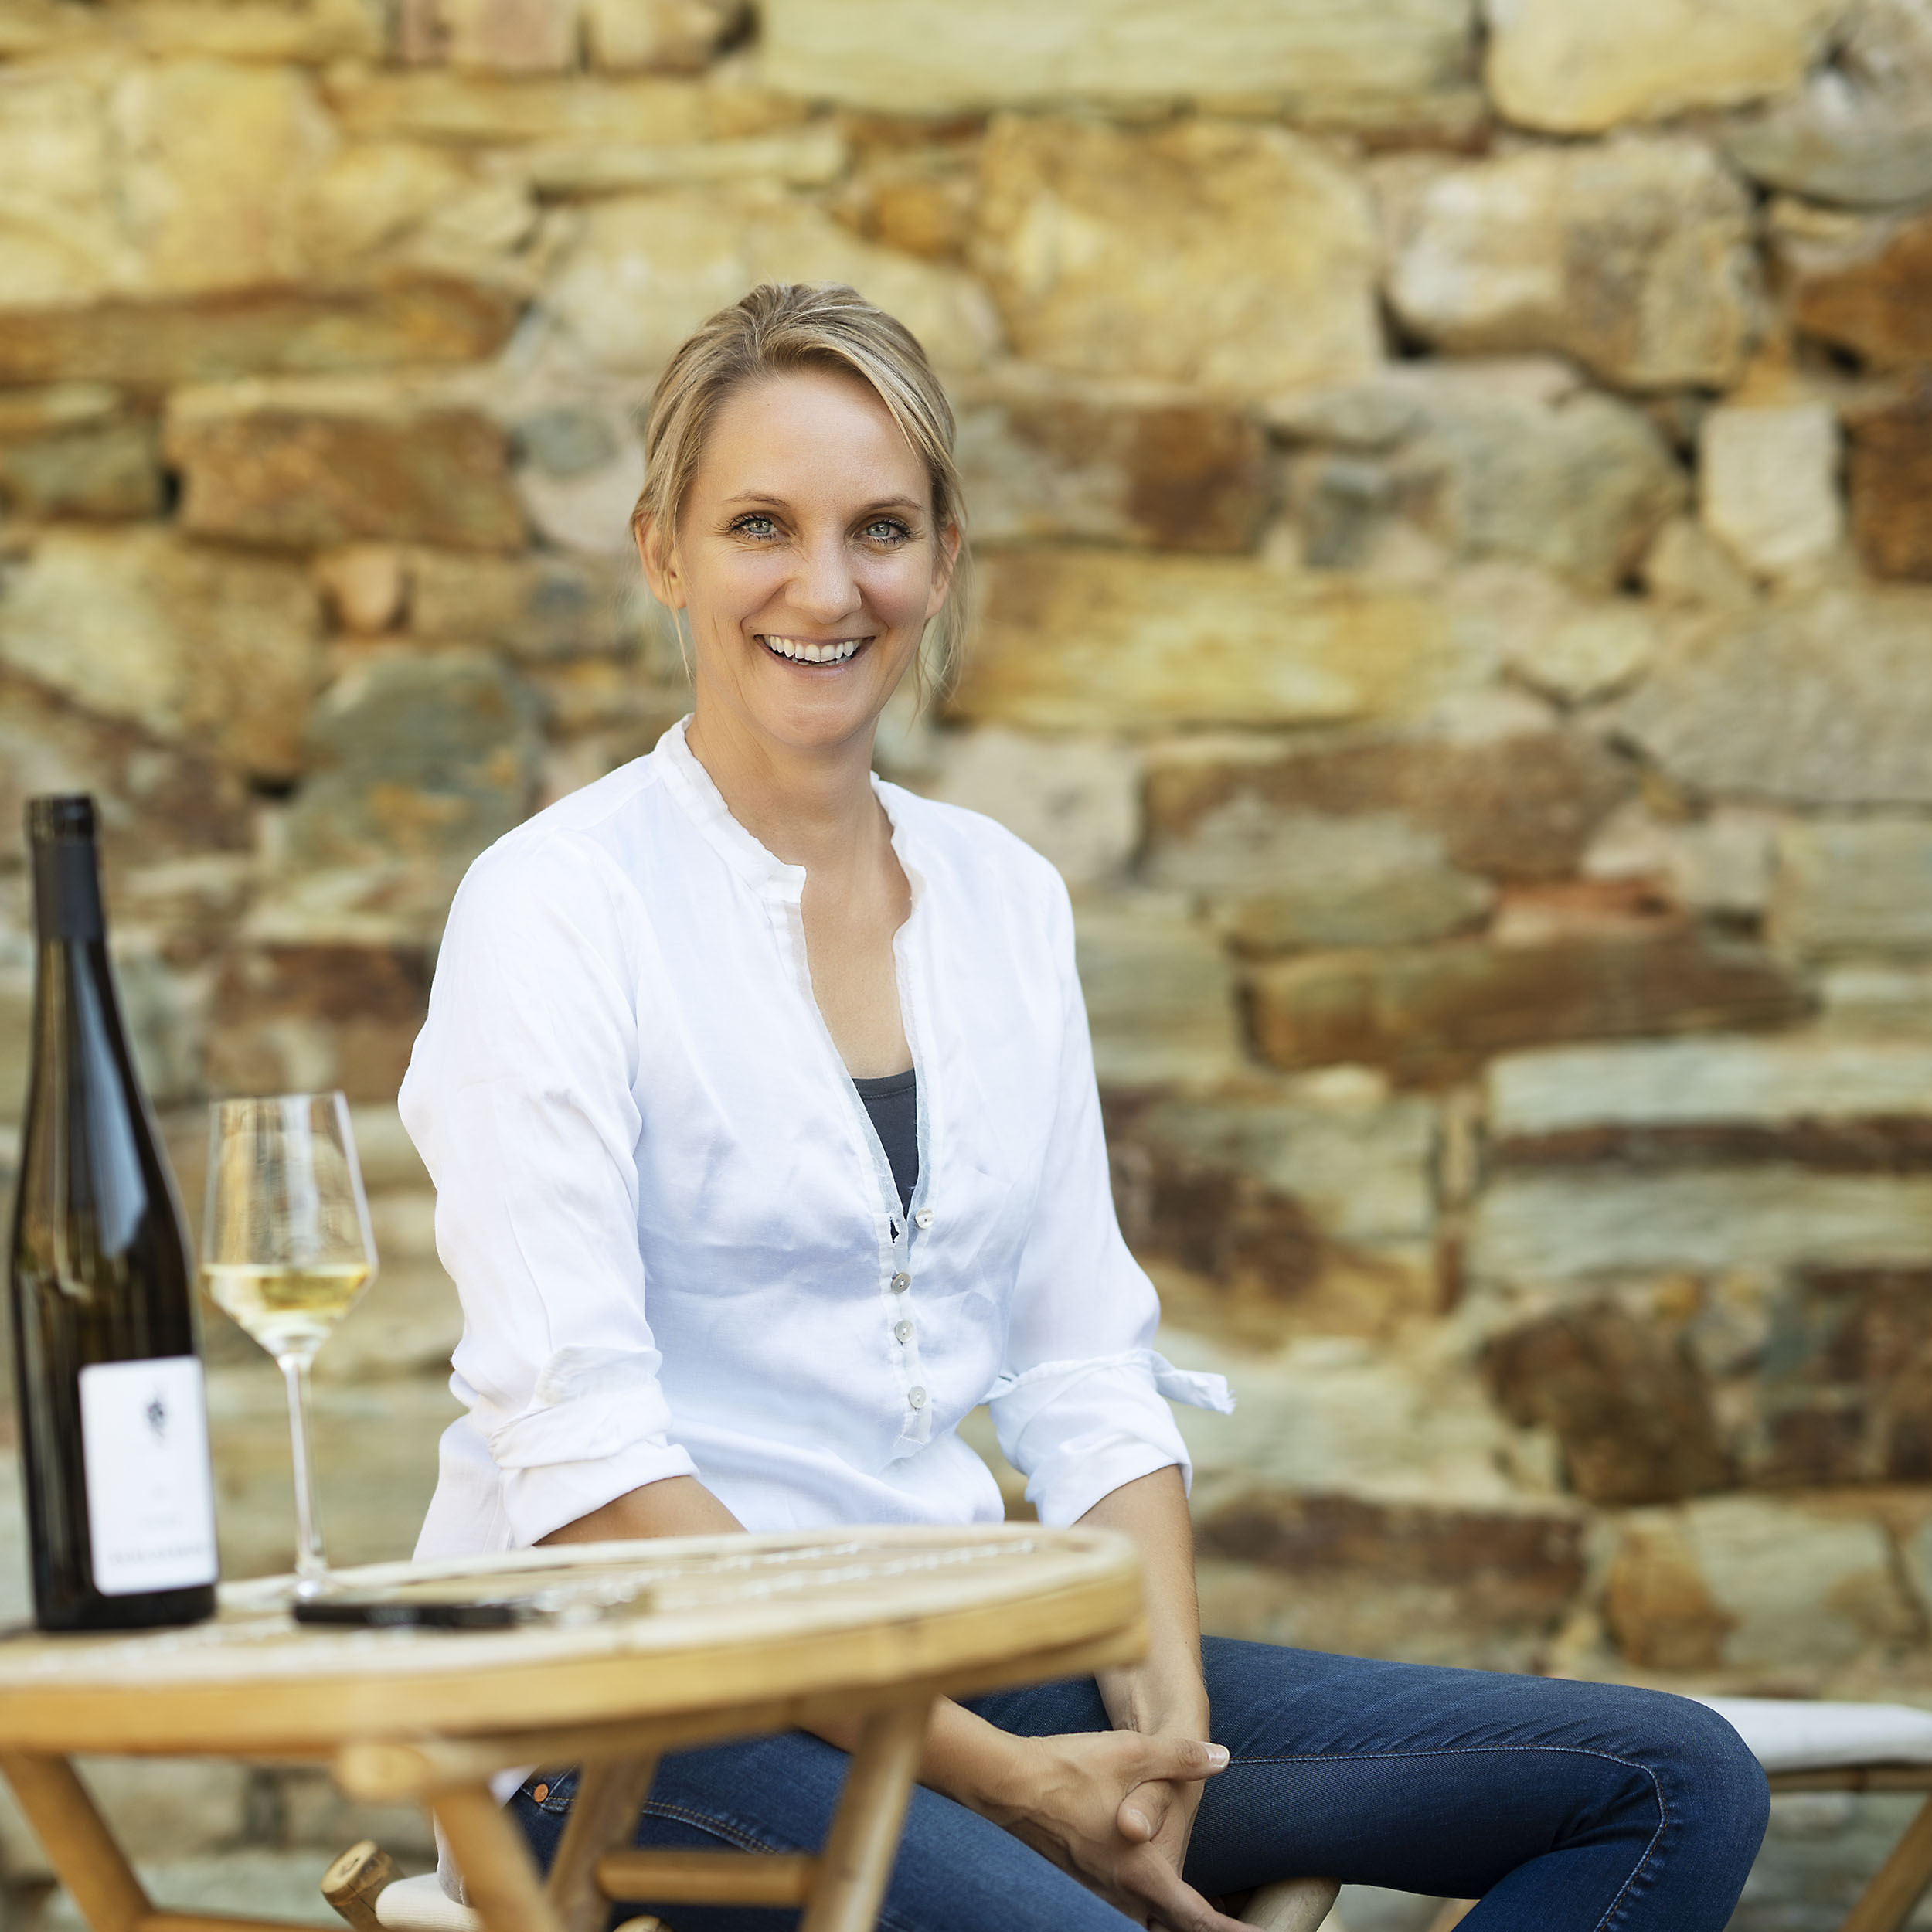 Weingut Eva Fricke, Wein Fotografie, Weinfotograf Markus Bassler